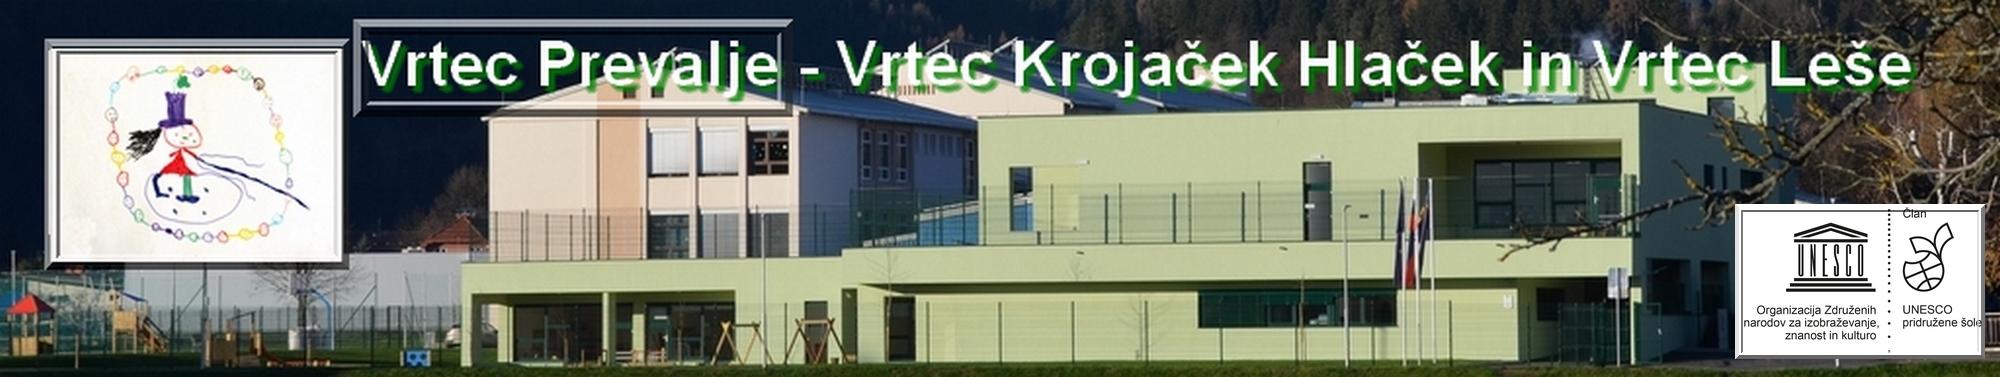 Vrtec Prevalje - Vrtec Krojaček Hlaček in Vrtec Leše